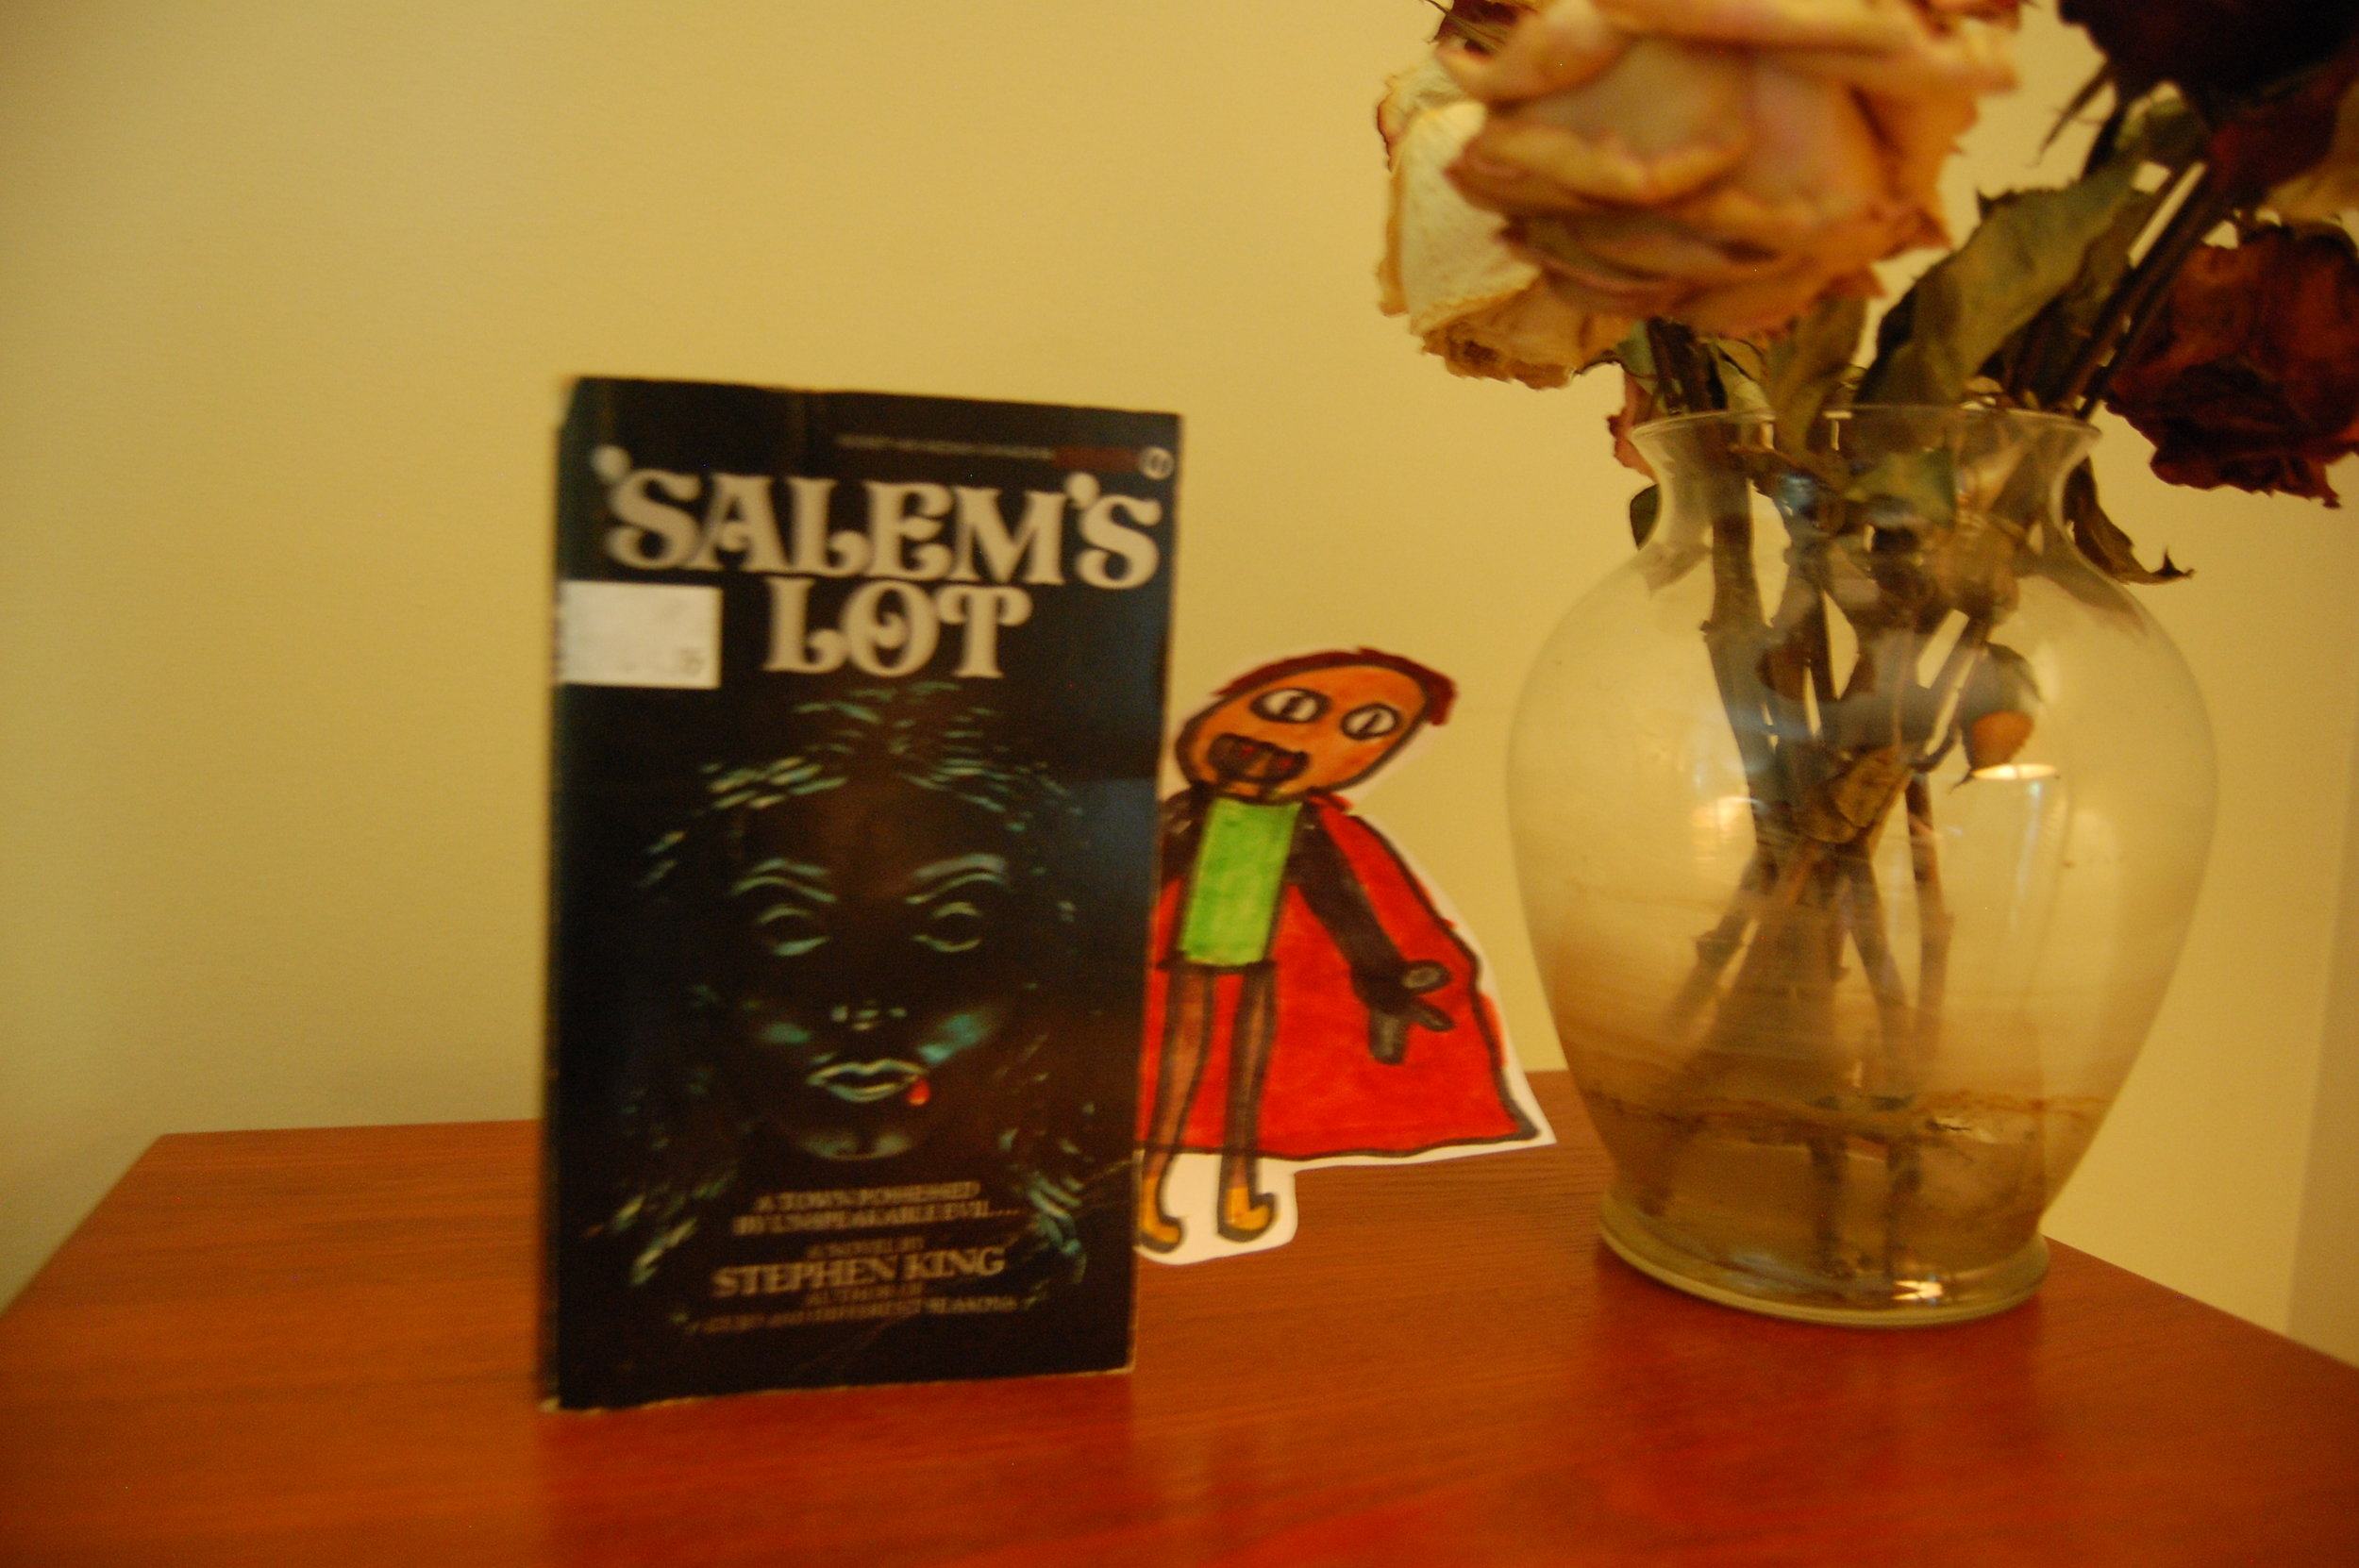 'Salem's Lot on Record Player